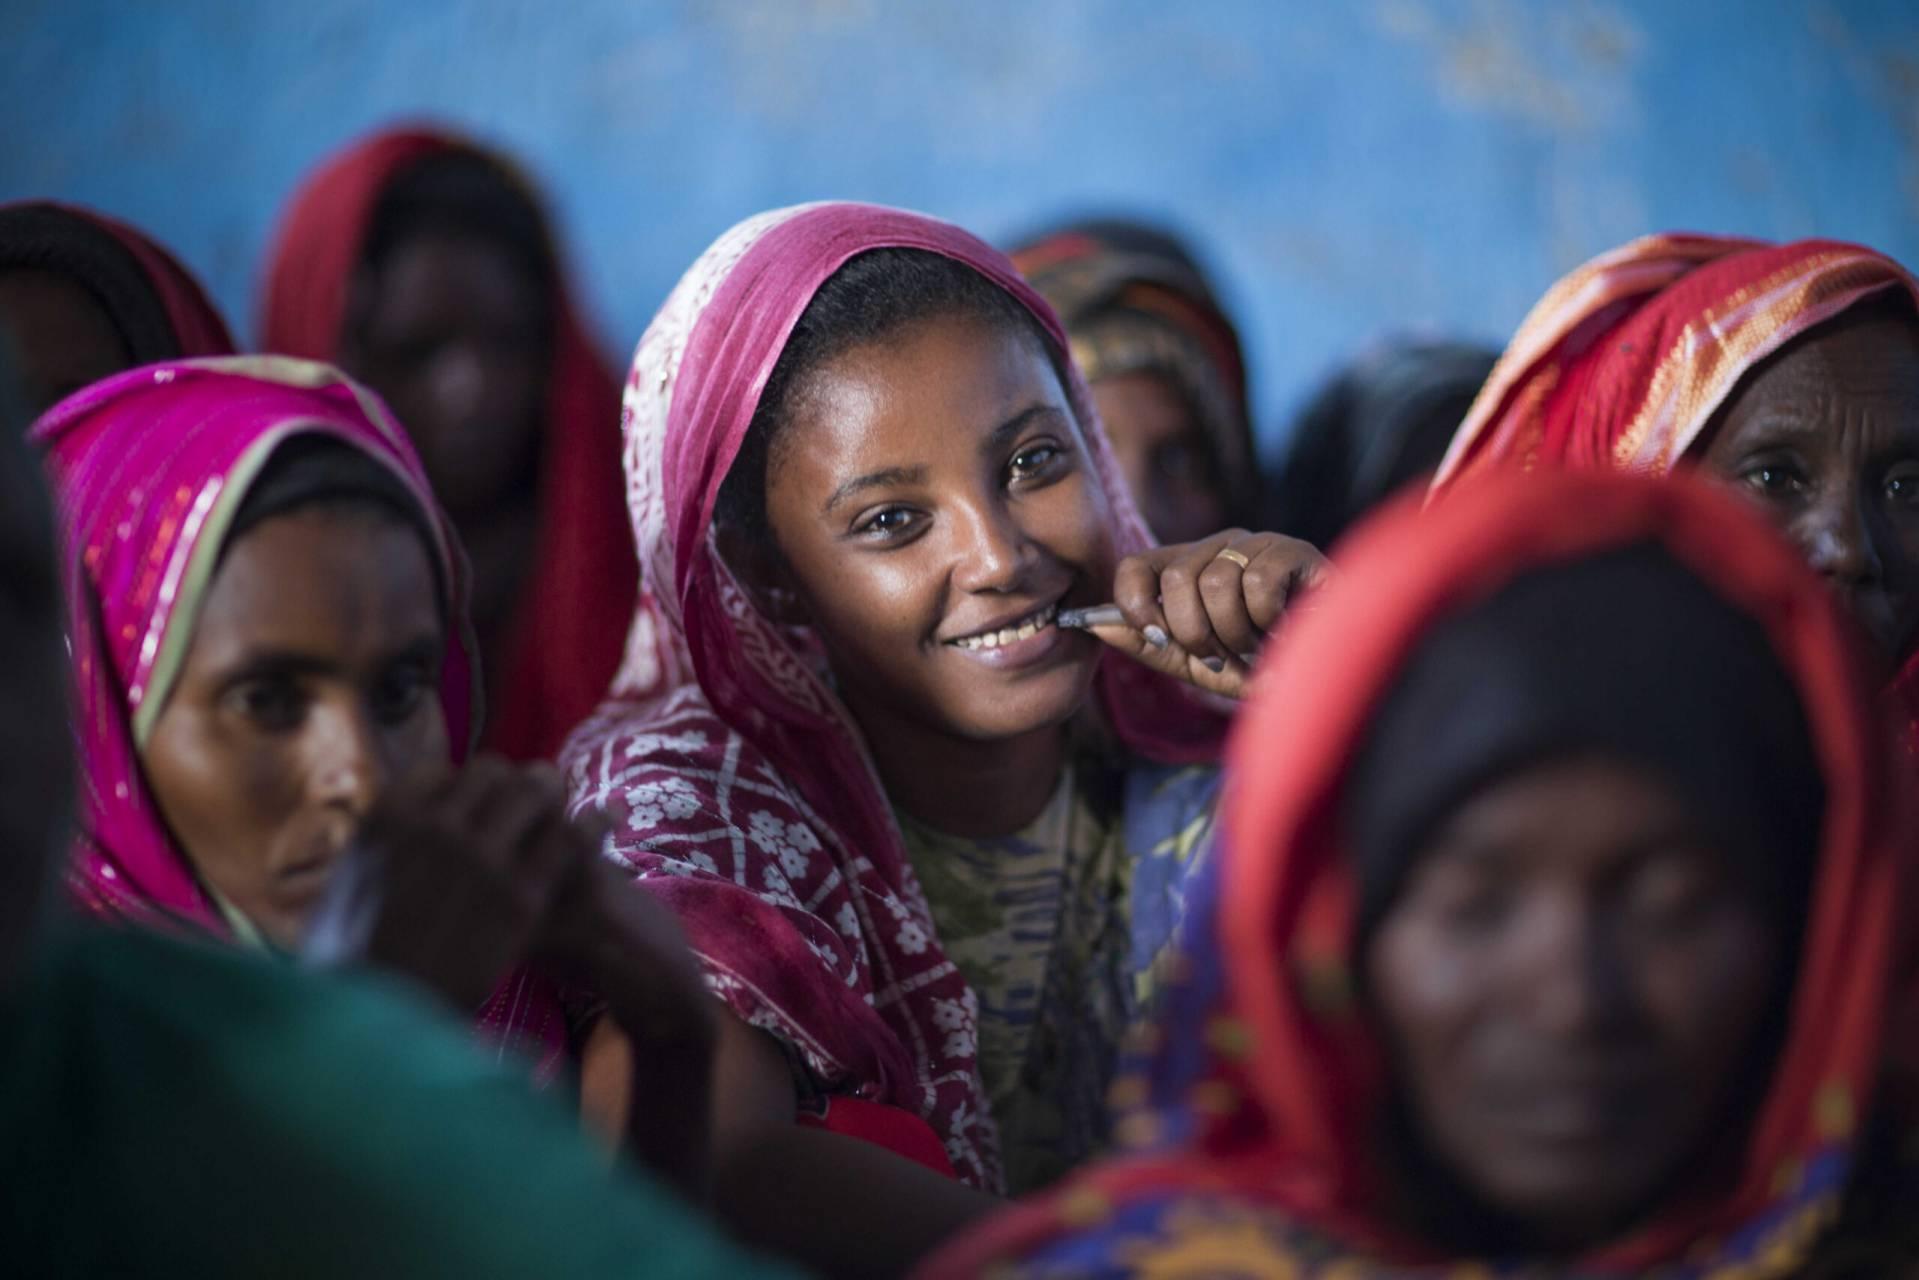 Leende kvinna från Afarregionen i Ethiopien